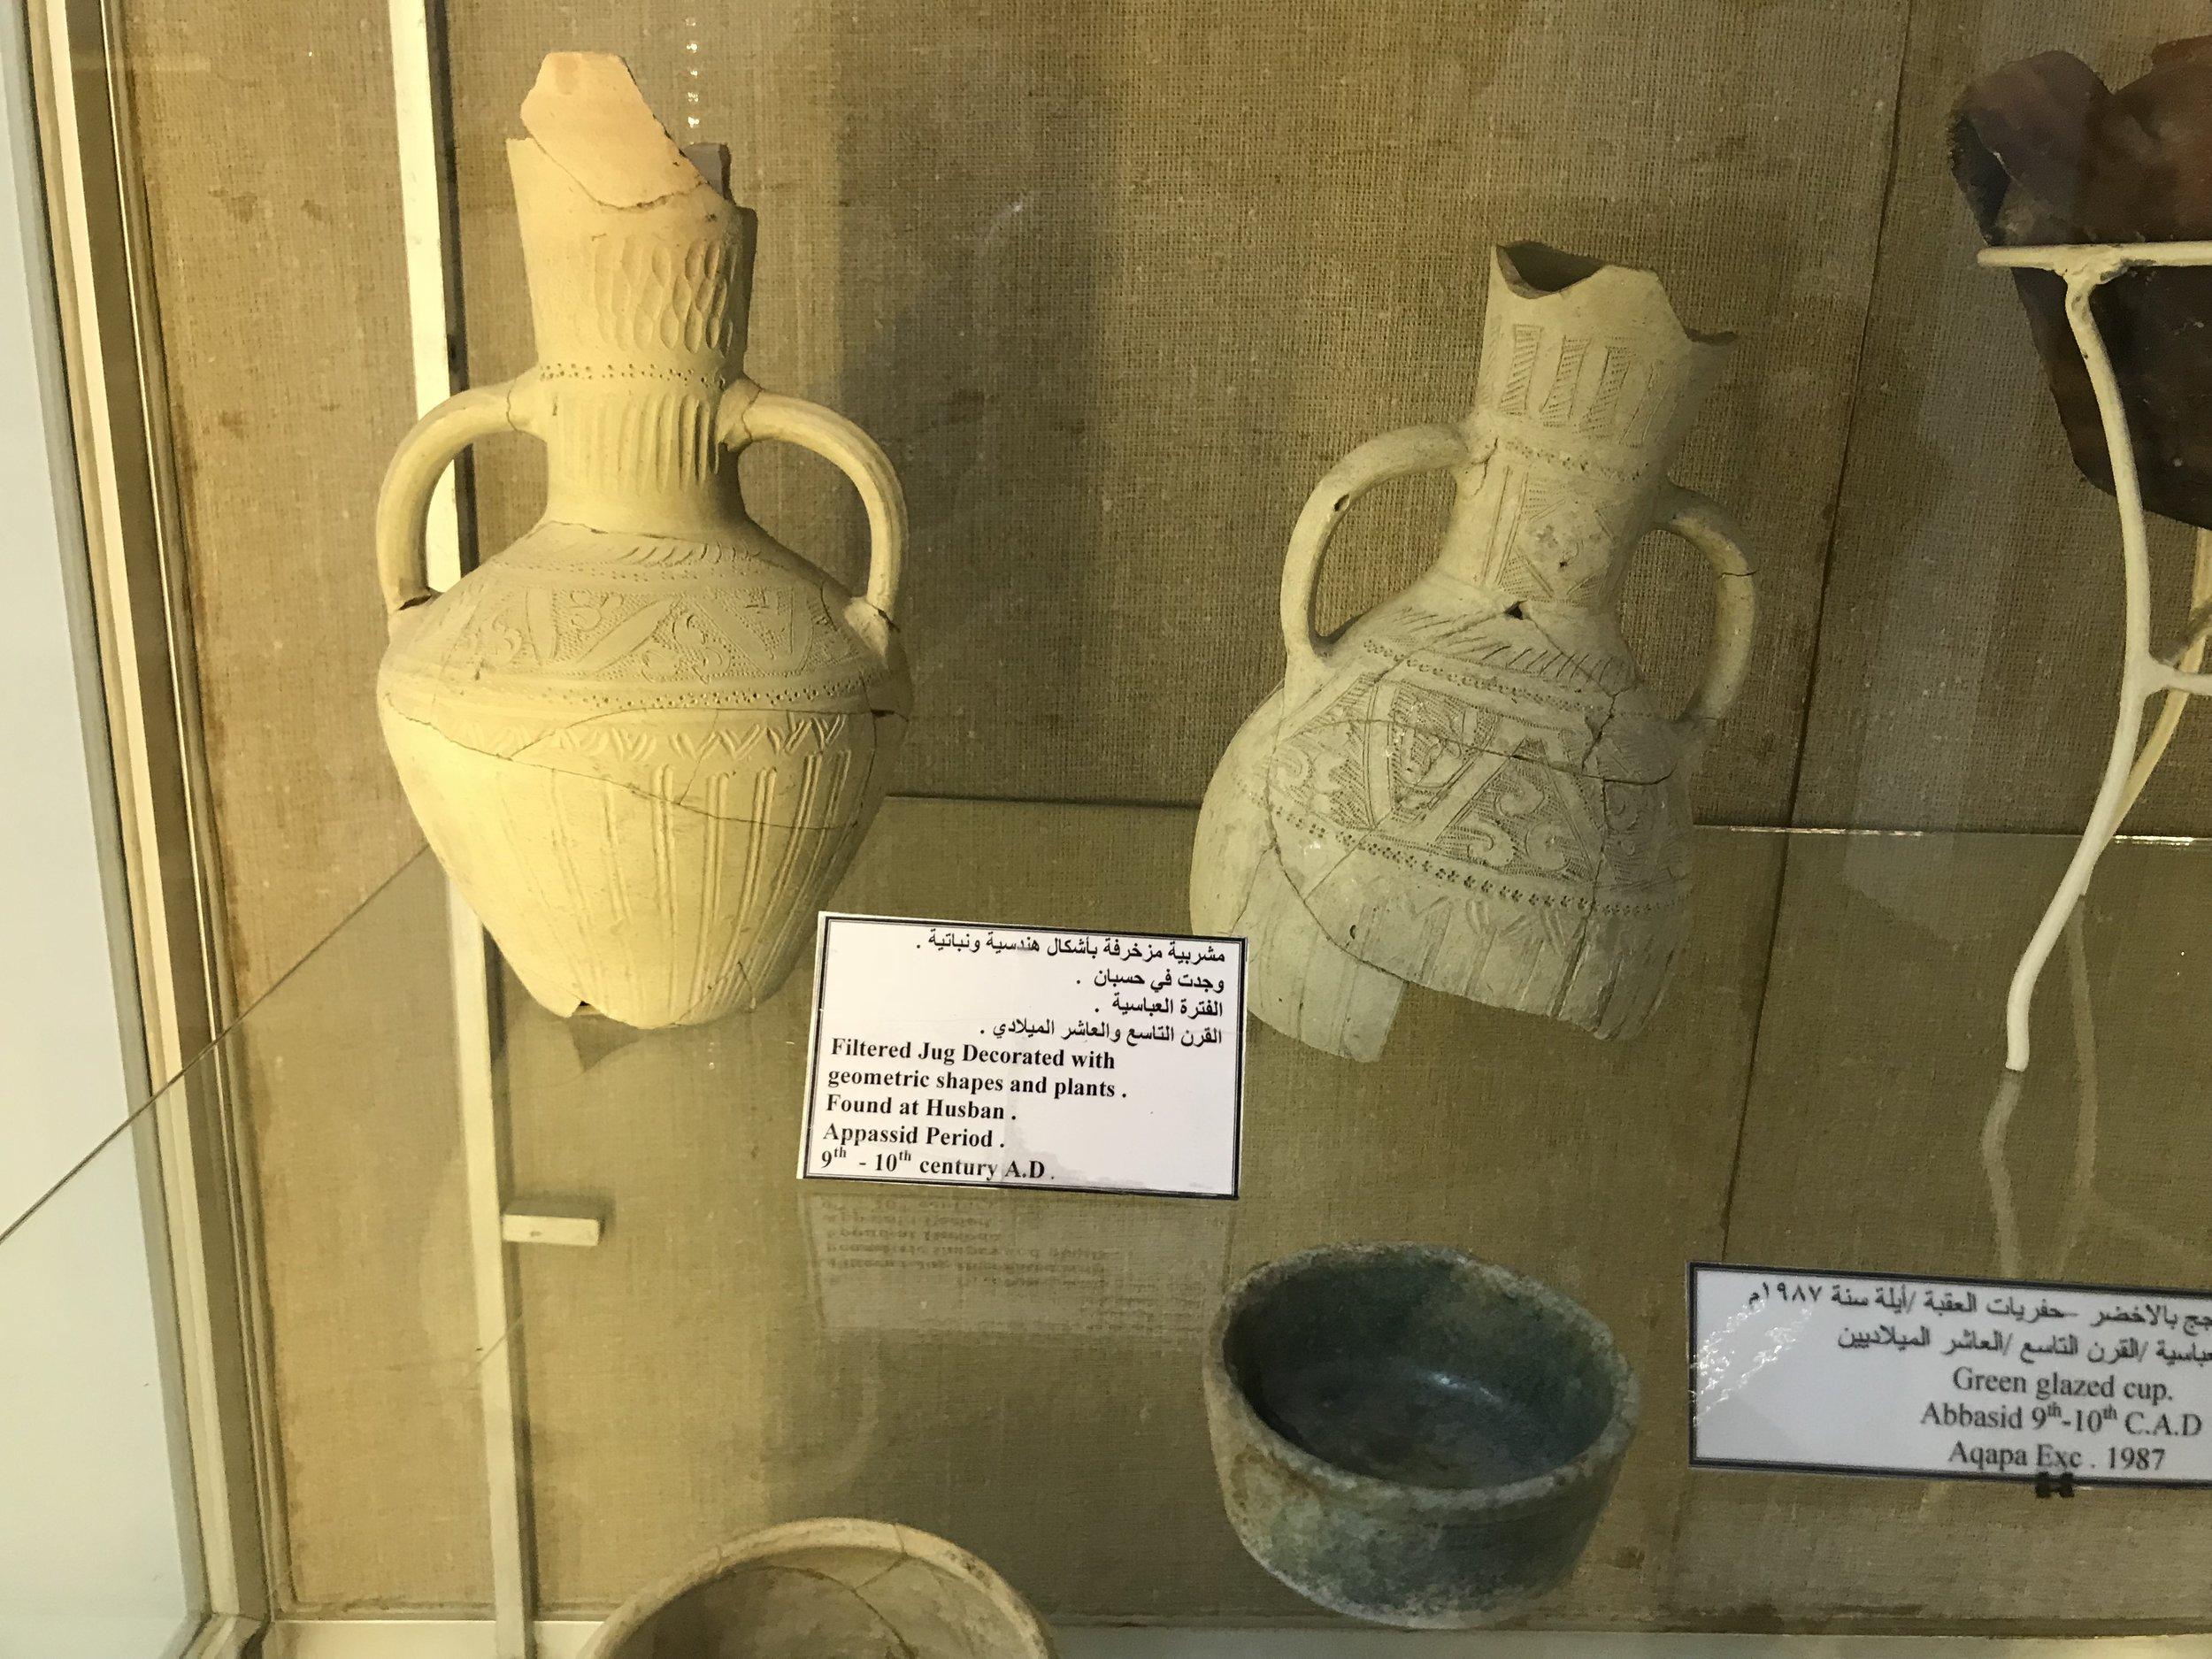 公元900年至1000年阿拉伯地区的陶土罐子,罐子上印有几何图形和植物花纹。